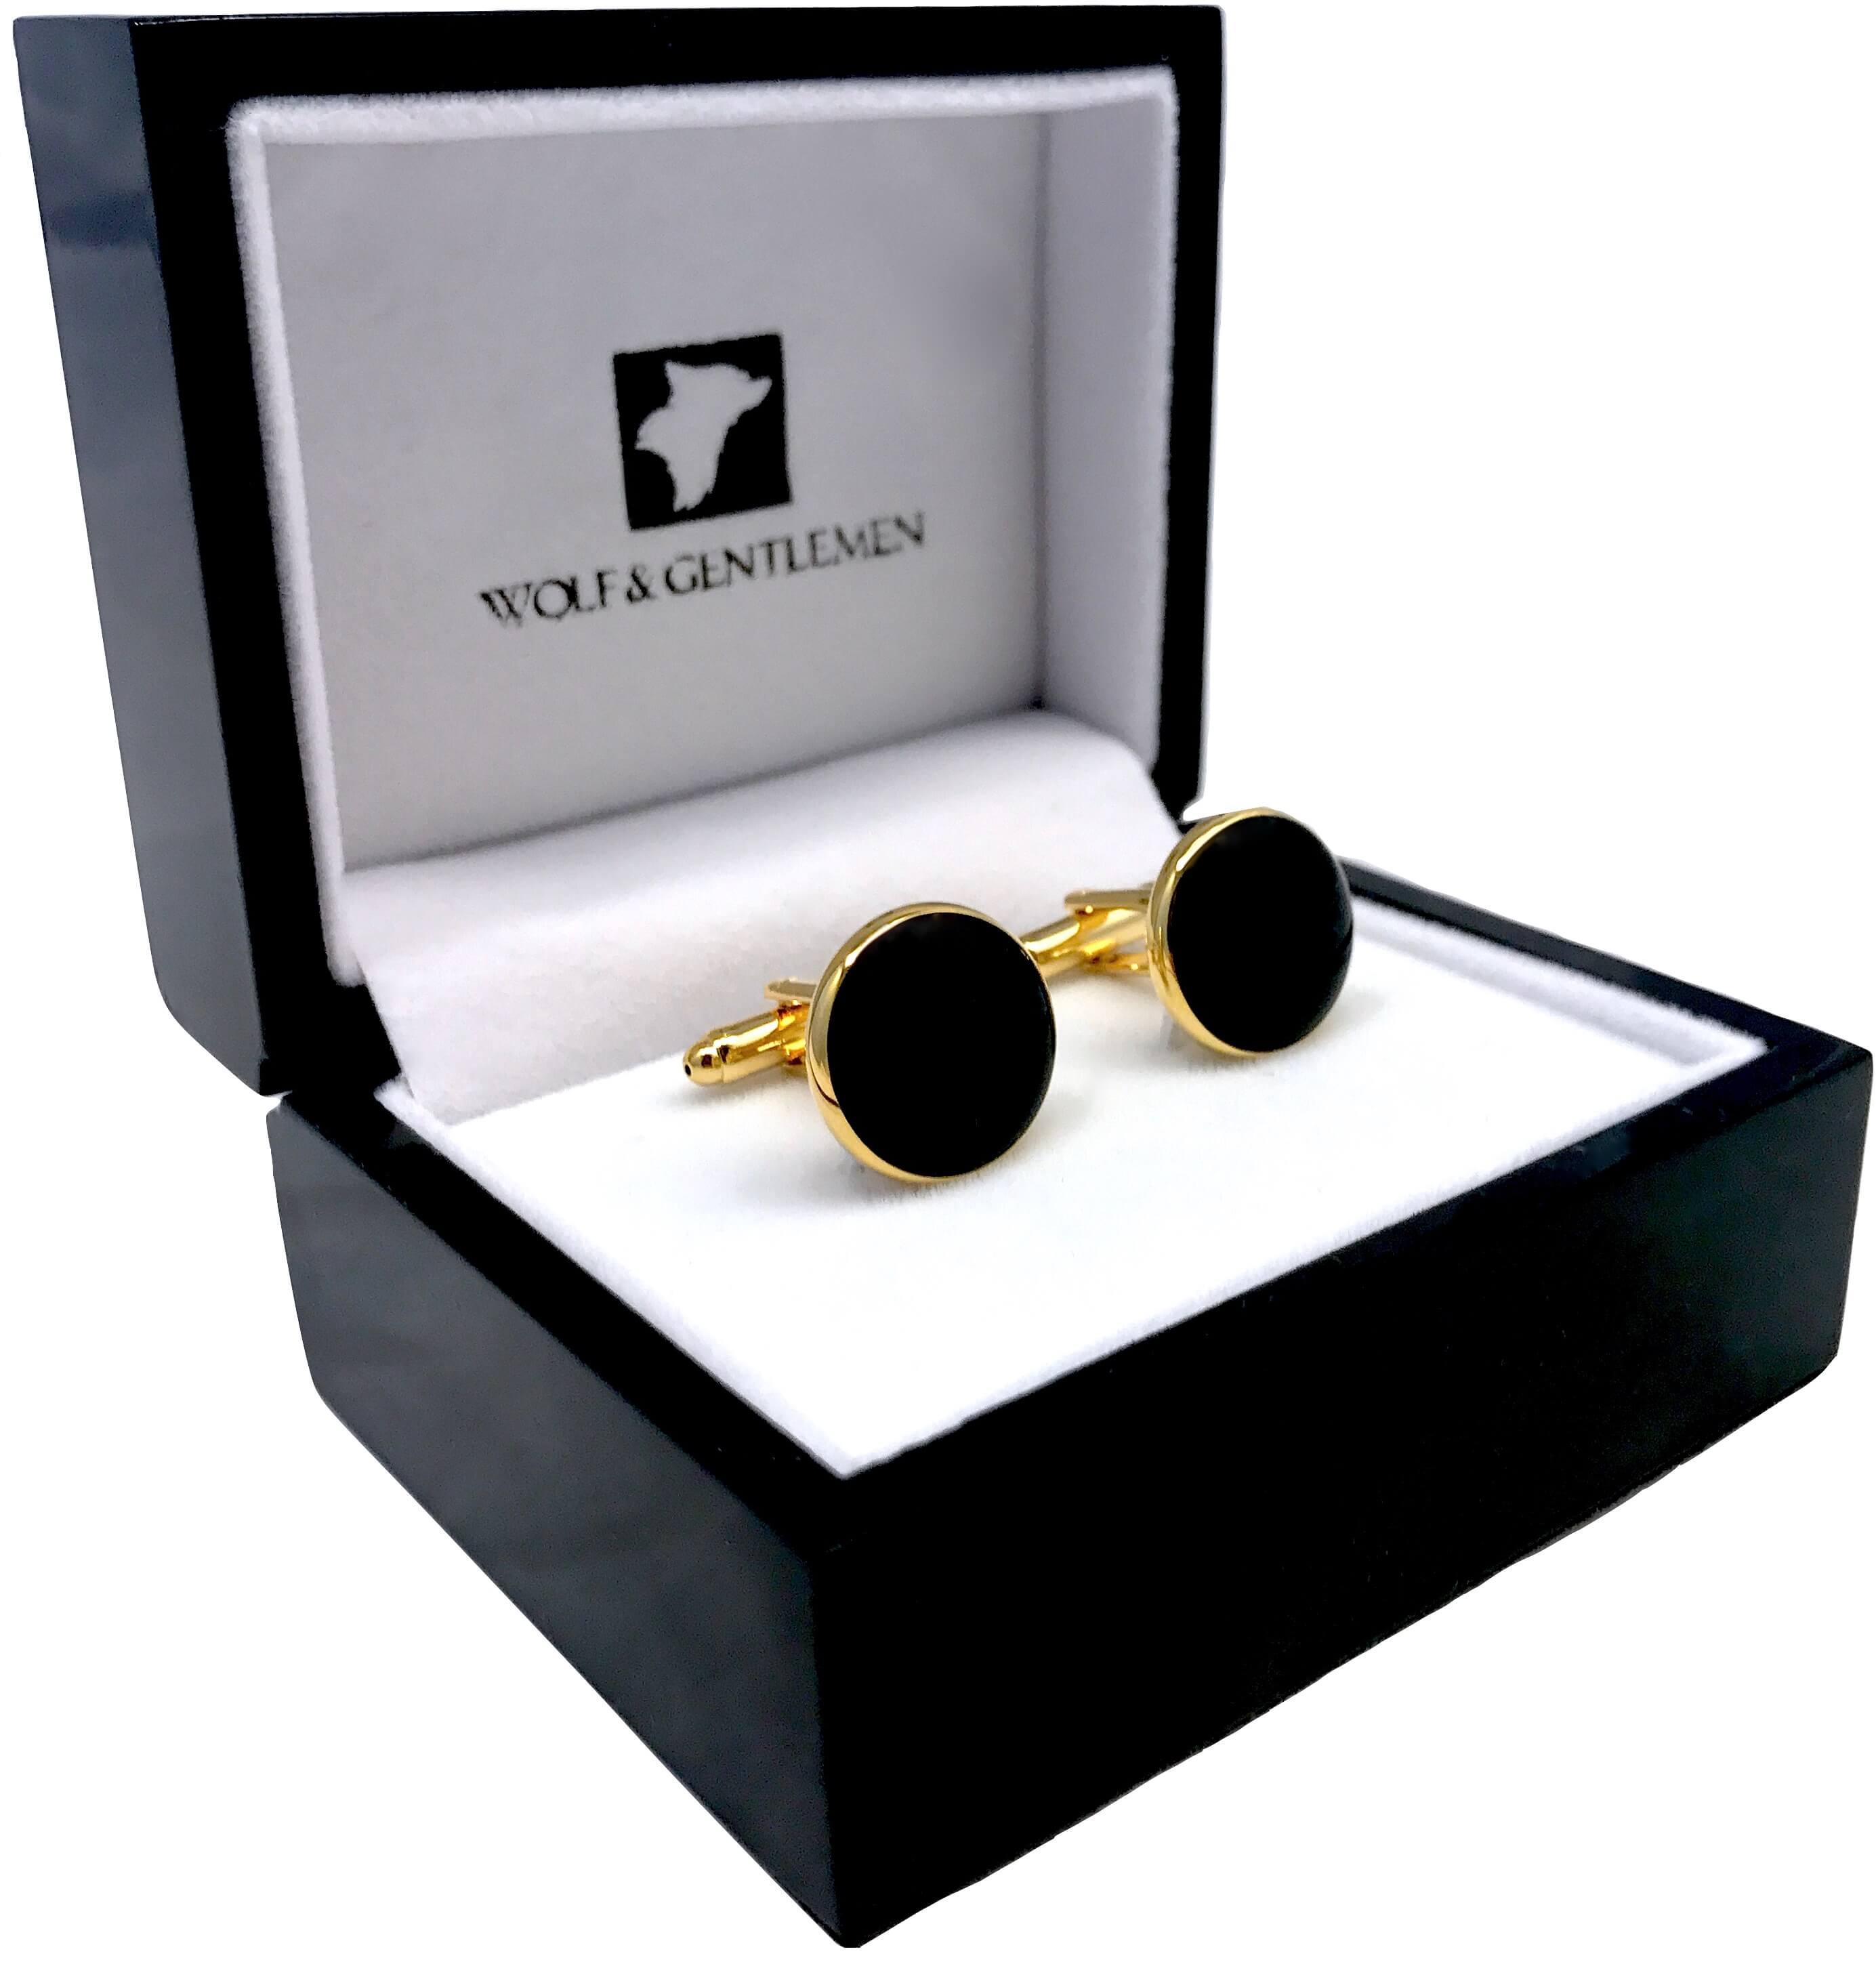 Vergoldete 18 Karat runde Manschettenknöpfe mit Onyx Stein in einer Holzaufbewahrungsbox